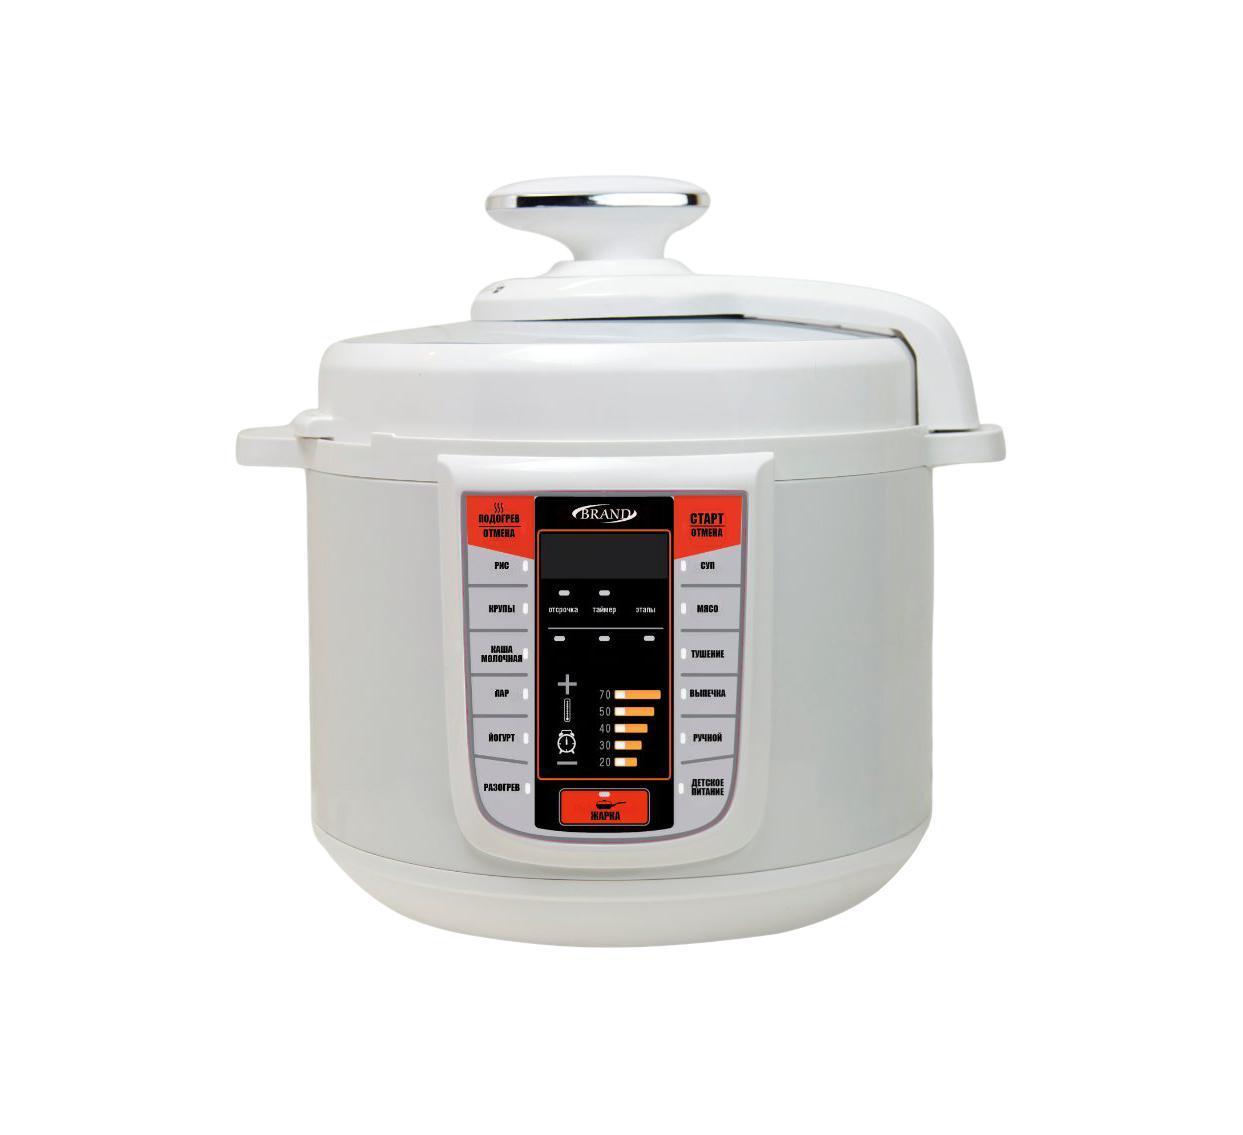 Brand 6051 White мультиварка-скороварка6051BRAND 6051 - это мультиварка нового поколения, которая позволит вам уменьшить время и ручной труд на приготовление еды, не экономя на качестве пищи. Благодаря полной герметизации, все продукты сохраняют полезные вещества. С функцией поддержания температуры ваши блюда будут всегда подогретыми. Кроме того, эта модель дает возможность готовить как при обычном, так и при высоком давлении, что поможет сохранить как можно больше вкуса и полезных свойств ваших блюд. Всем, кто ведет активный образ жизни и просто не может позволить тратить лишнее время на готовку, мультиварка предлагает очень удобную функцию отсрочки приготовления на 24 часа. А для того, чтобы эта скороварка прослужила вам как можно дольше, в ней предусмотрены регулятор давления и датчик контроля температуры. Все эти меры позволяют устройству вовремя отключиться и избежать перегрева или избыточного давления.Эта невероятно умная модель прекрасно впишется в любую кухню за счет современного дизайна и позволит баловать семью новыми кулинарными изысками каждый деньУВАЖАЕМЫЕ КЛИЕНТЫ! Обращаем ваше внимание на тот факт, что объем чаши указан максимальный, с учетом полного наполнения до кромки. Шкала на внутренней стенке имеет меньший литраж.